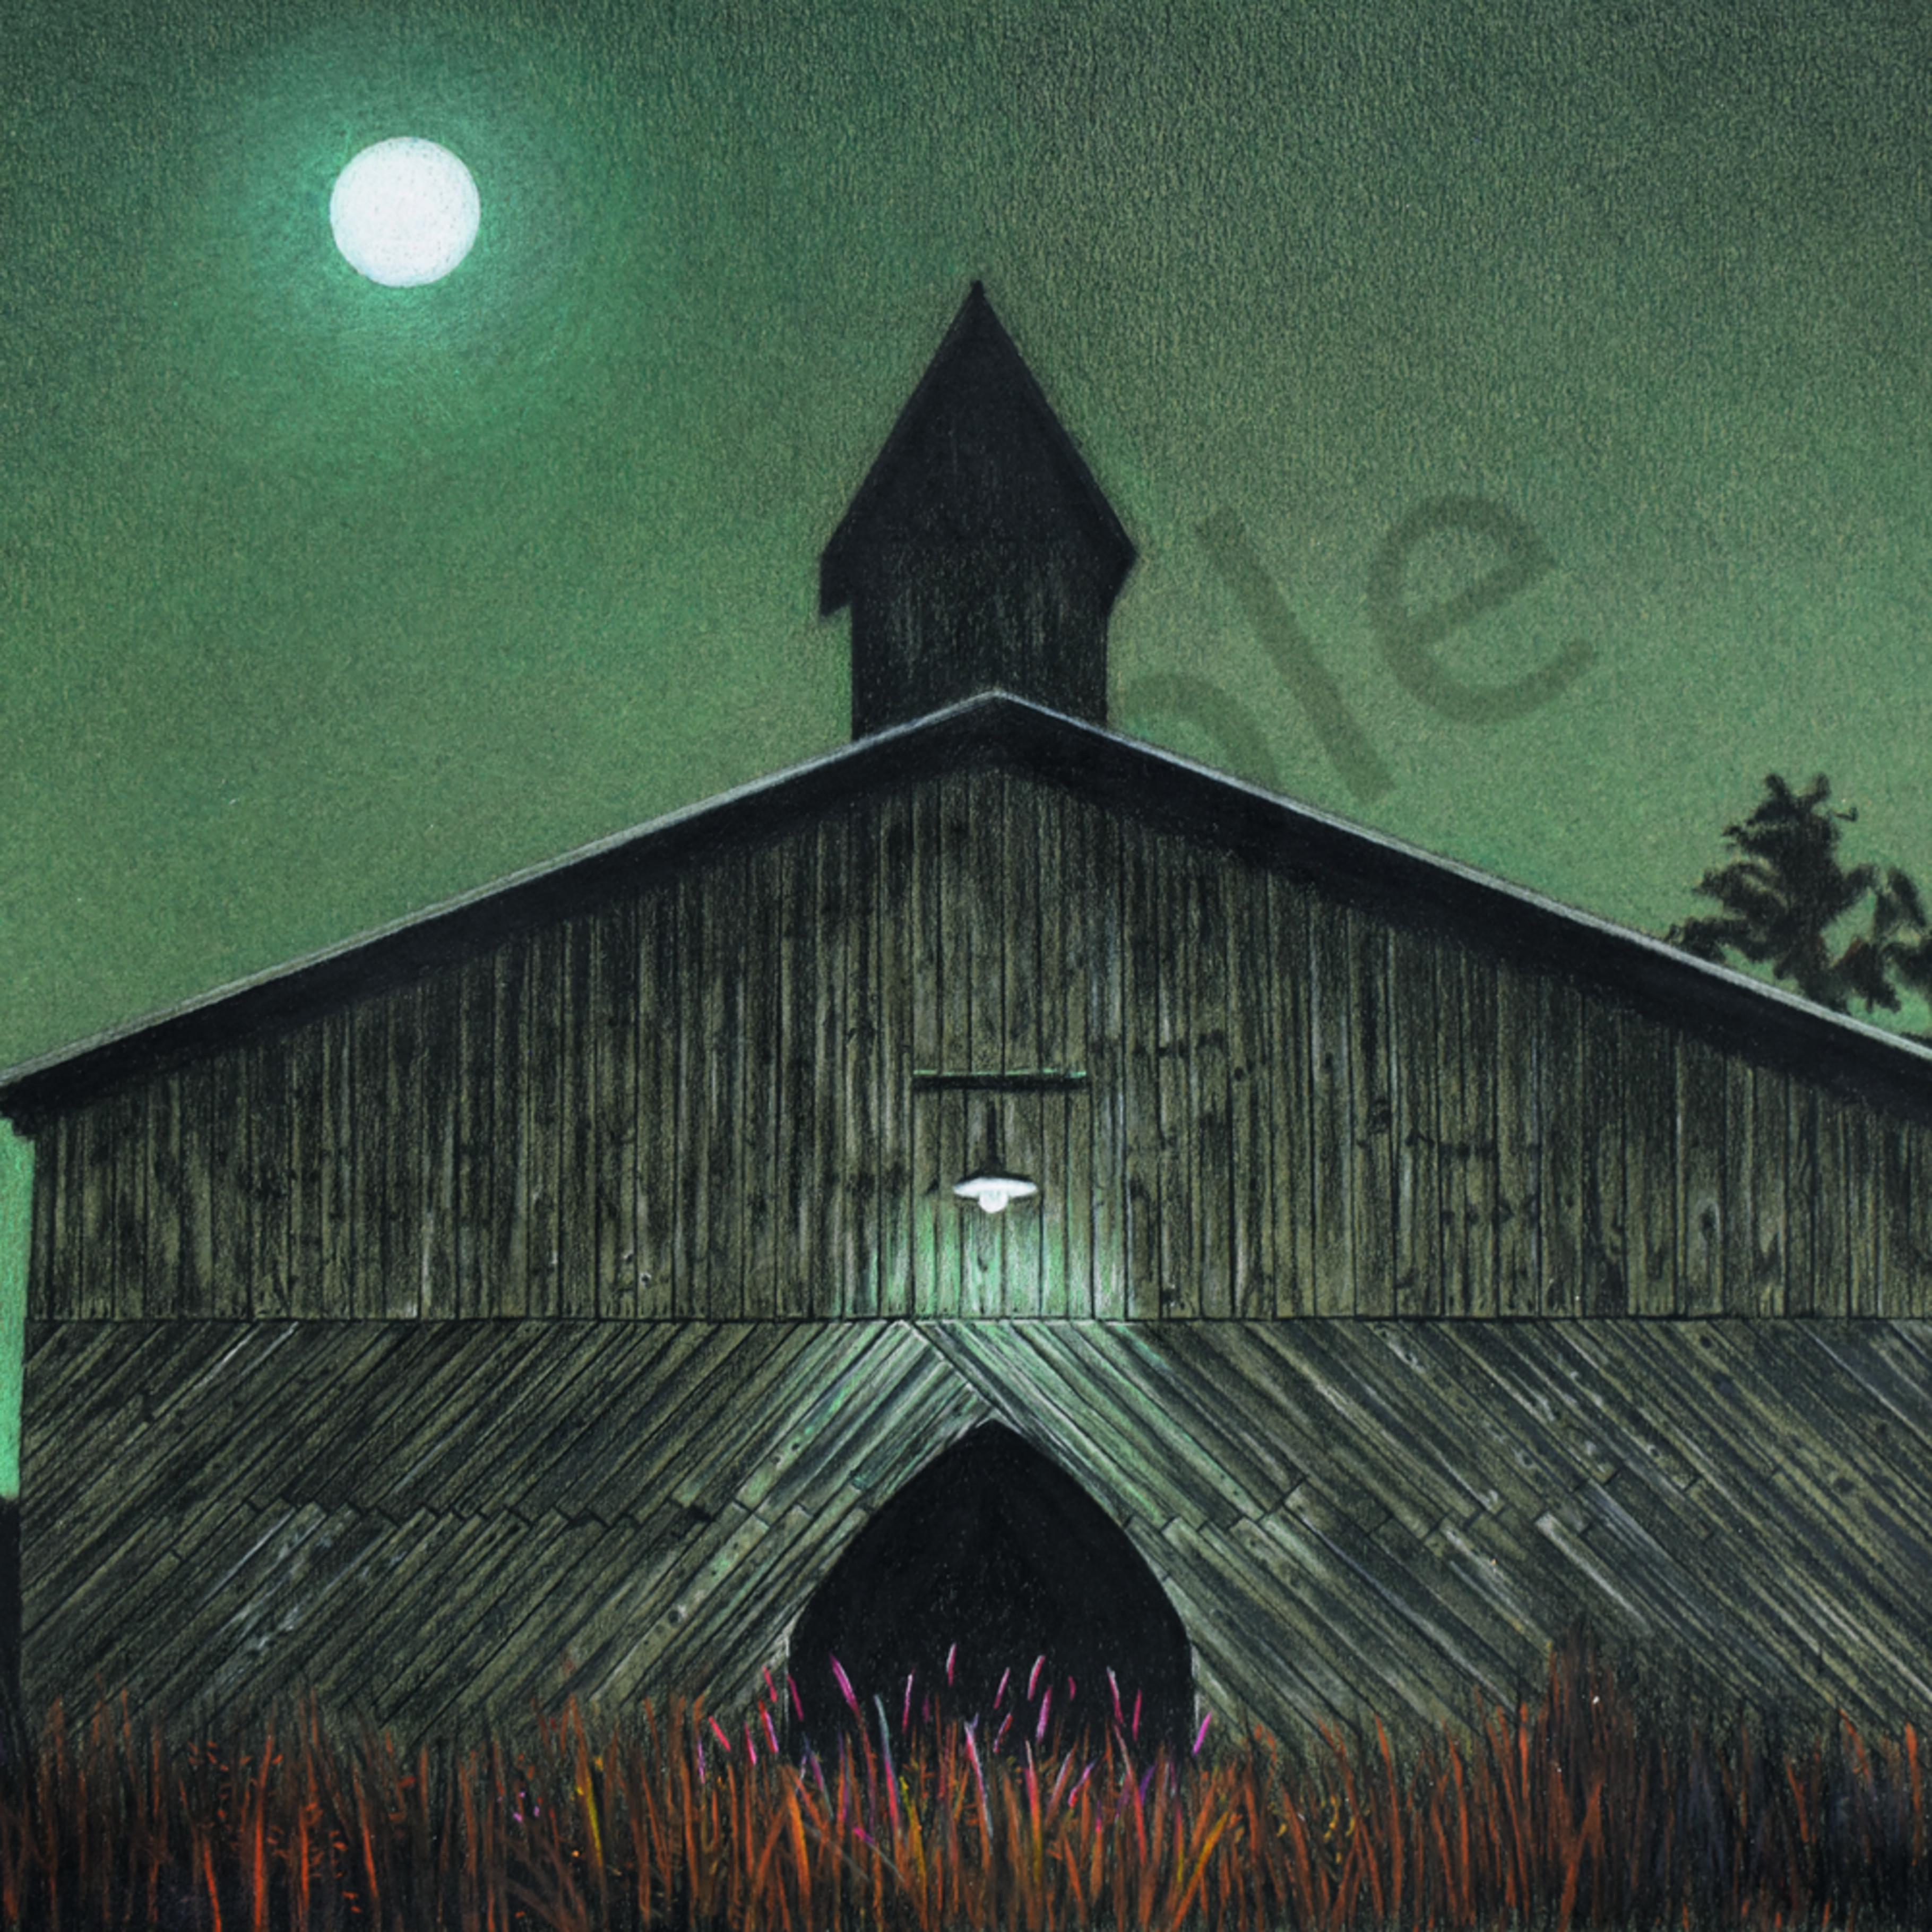 Green barn wq54f7